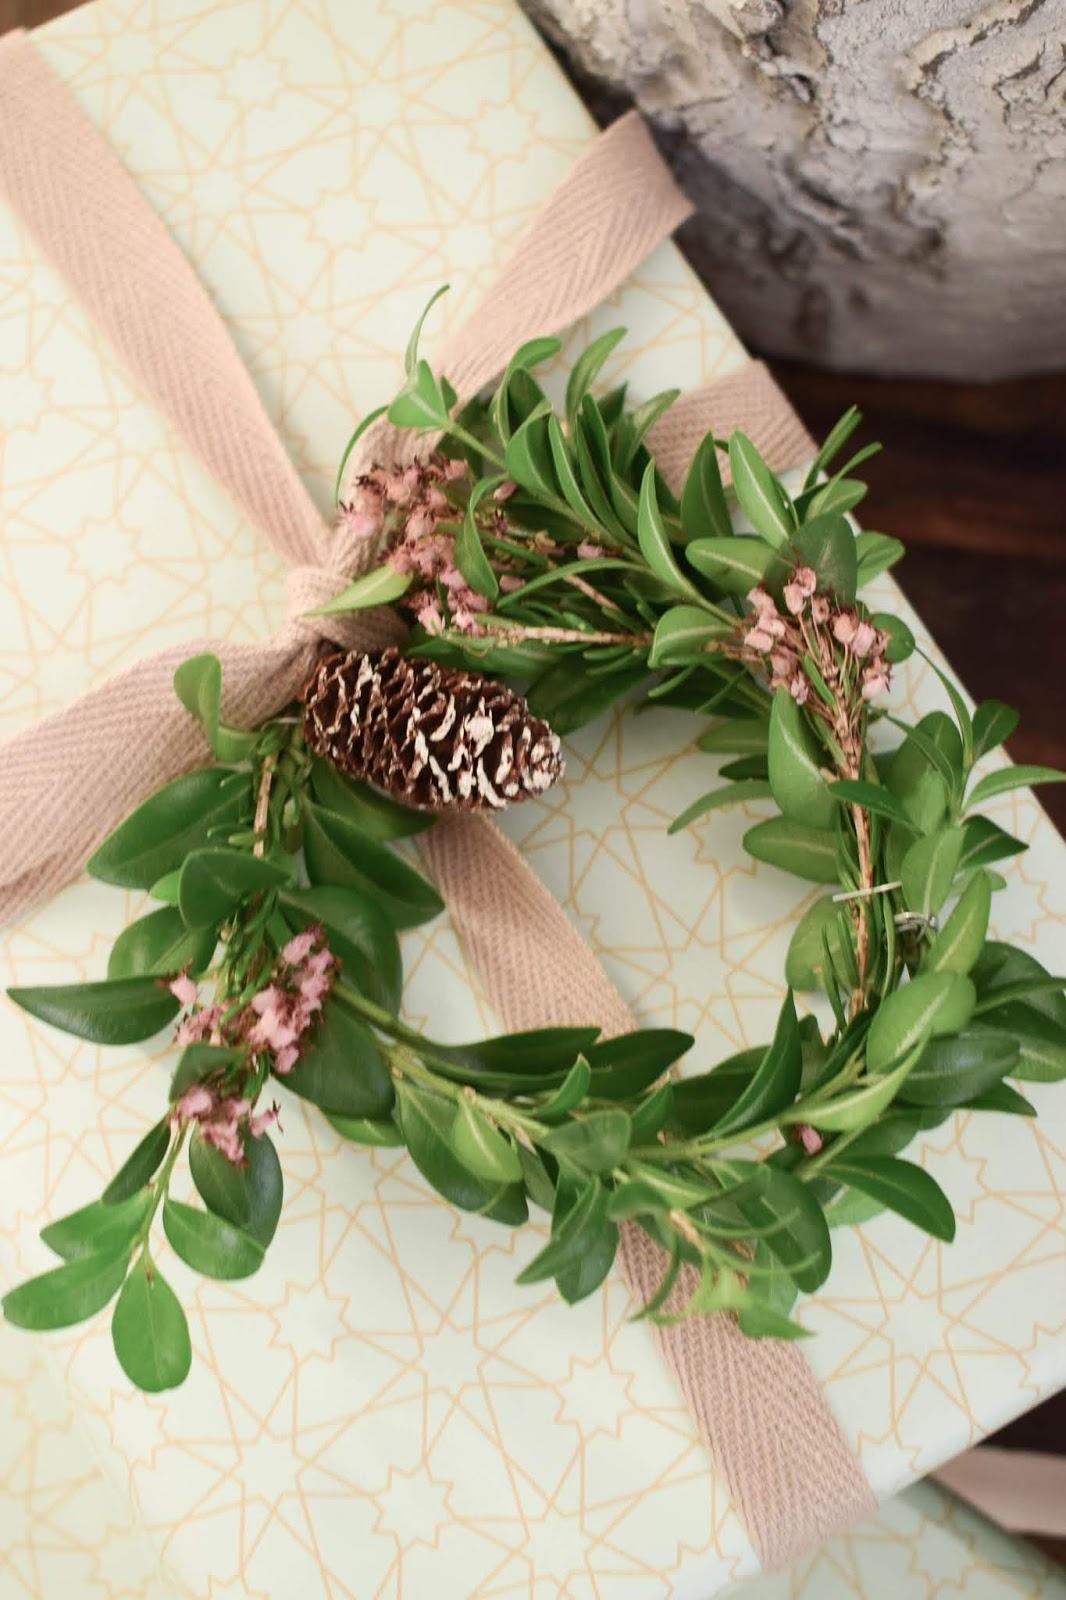 Geschenkverpackung Idee arsEdition Geschenkpapier Buchskranz eukalyptus Zapfen Dekoidee schön verpacken für Weihnachten Weihnachtsgeschenk DIY Zapfenkette